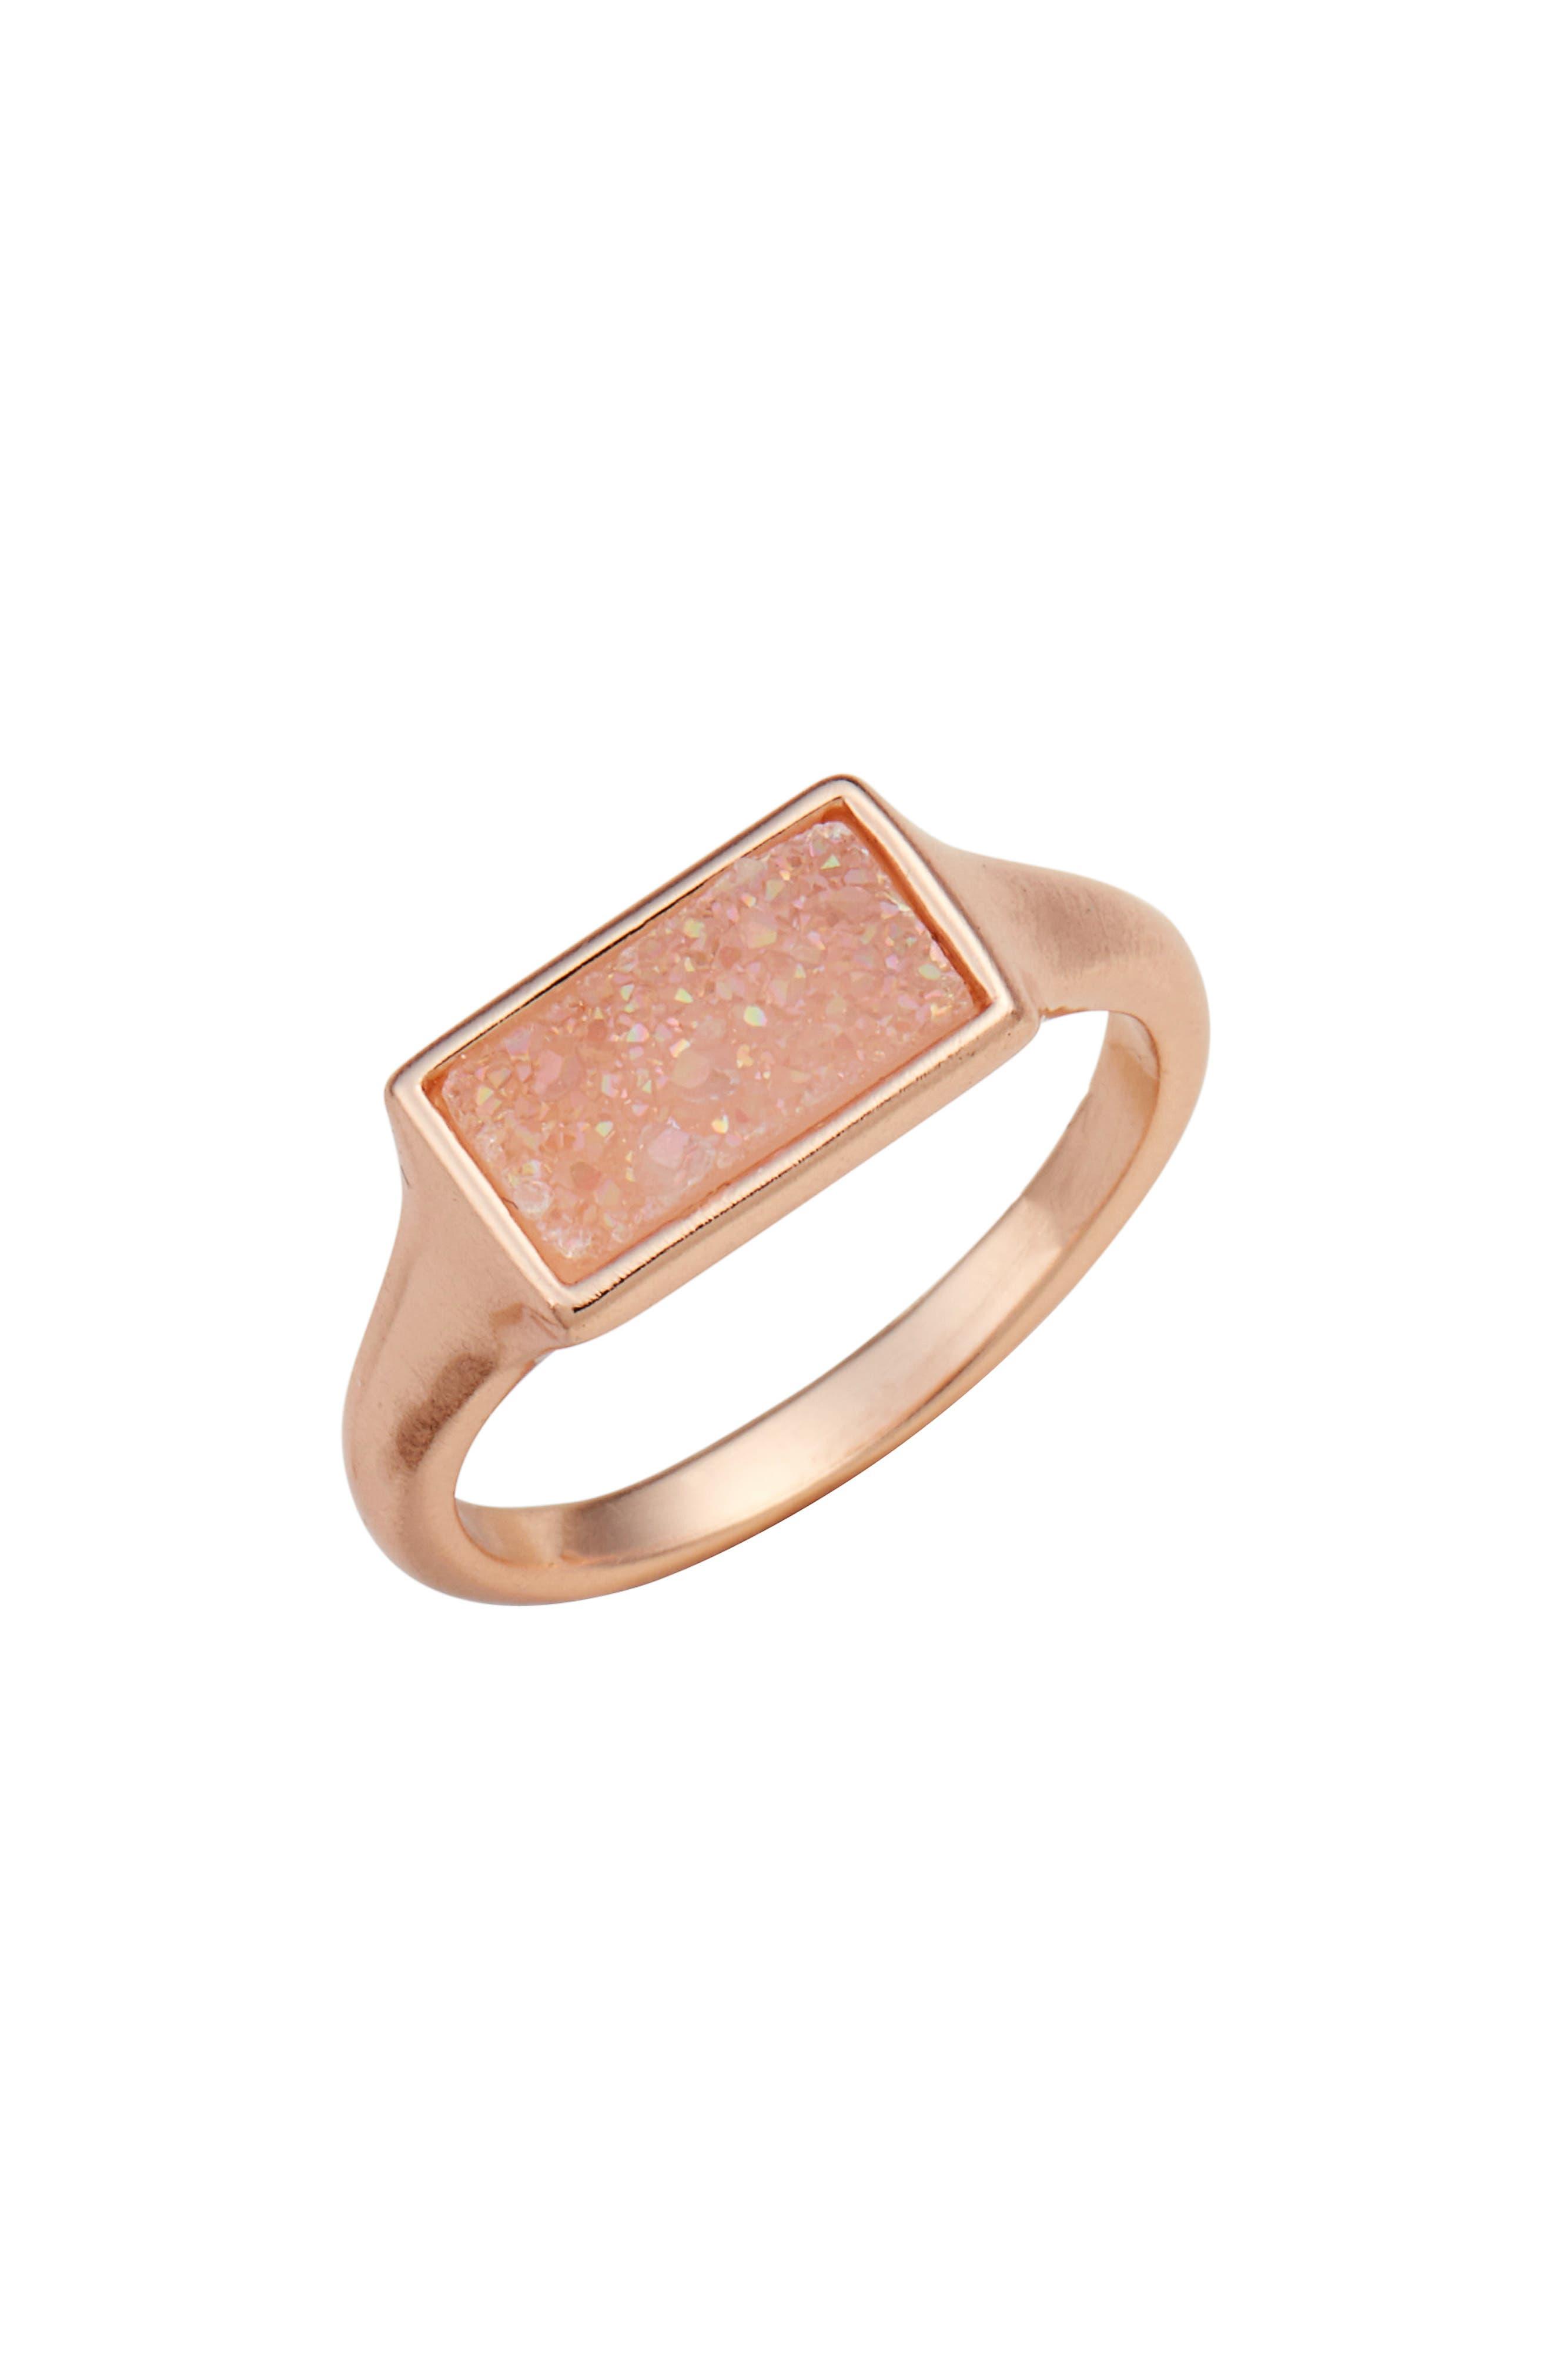 Kendra Scott Glenna Drusy Ring